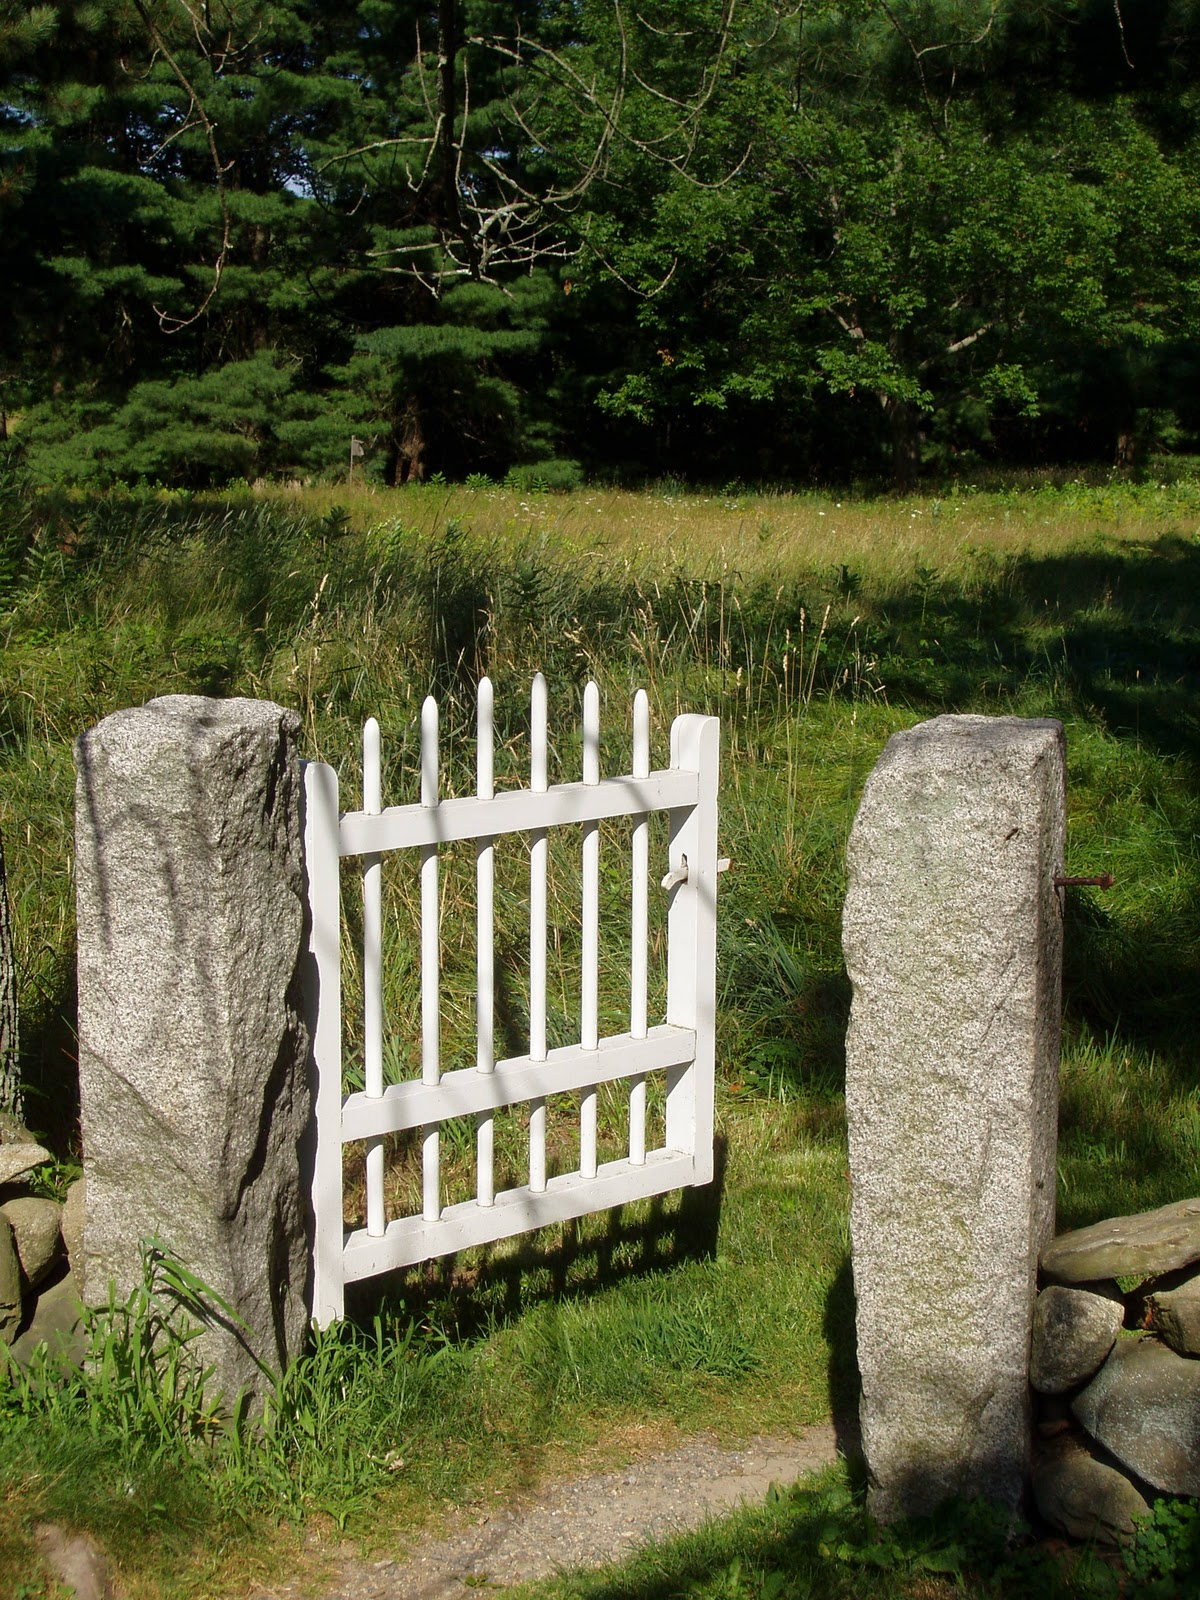 Picket Fences My House In Africa Thru The Garden Gate